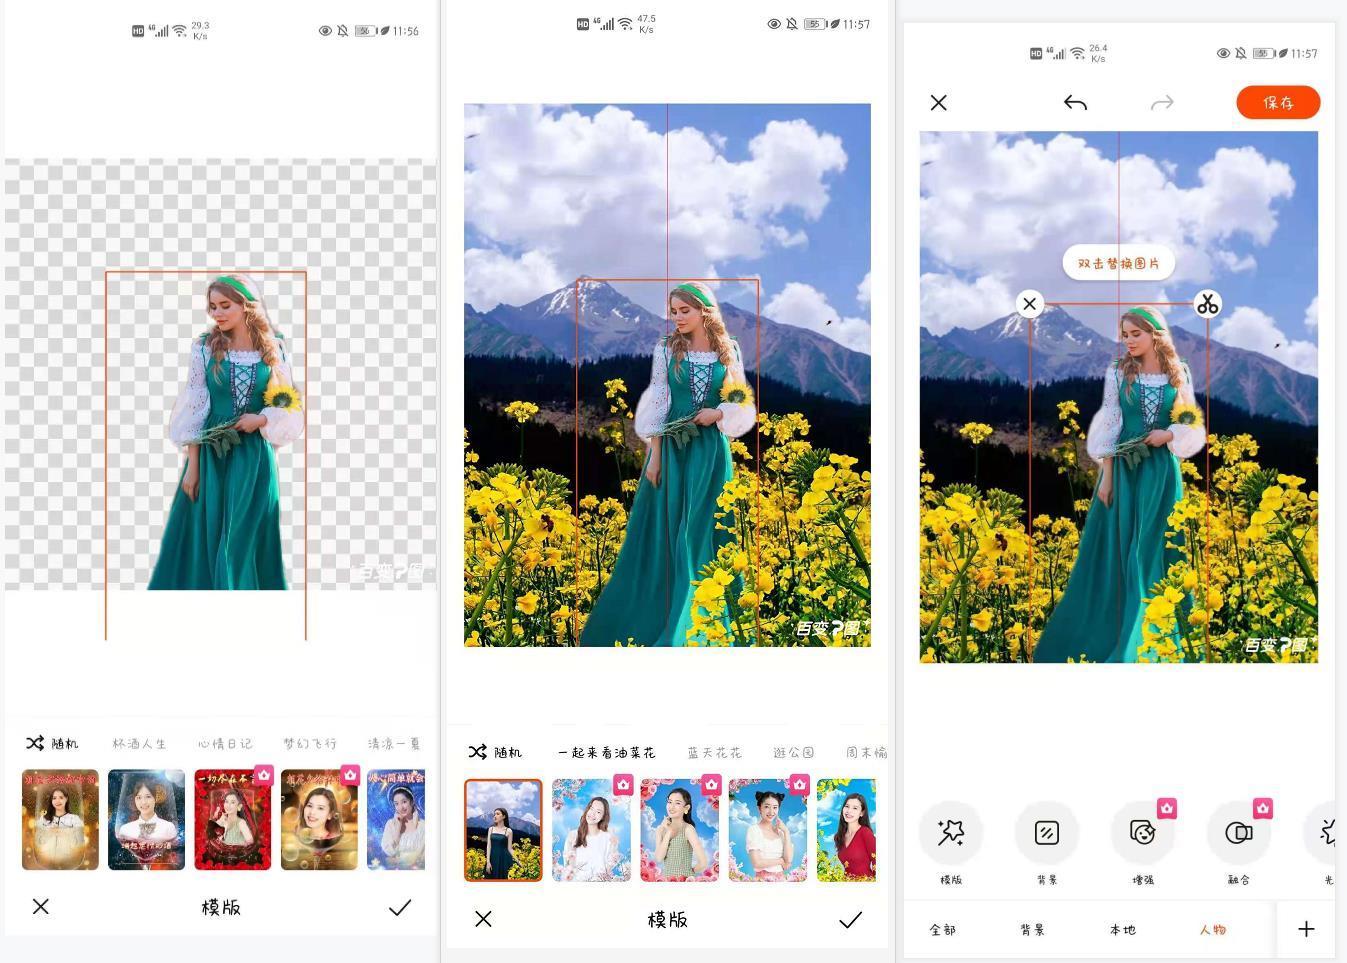 更换背景的相机软件下载 百变P图app几十款模板免费用